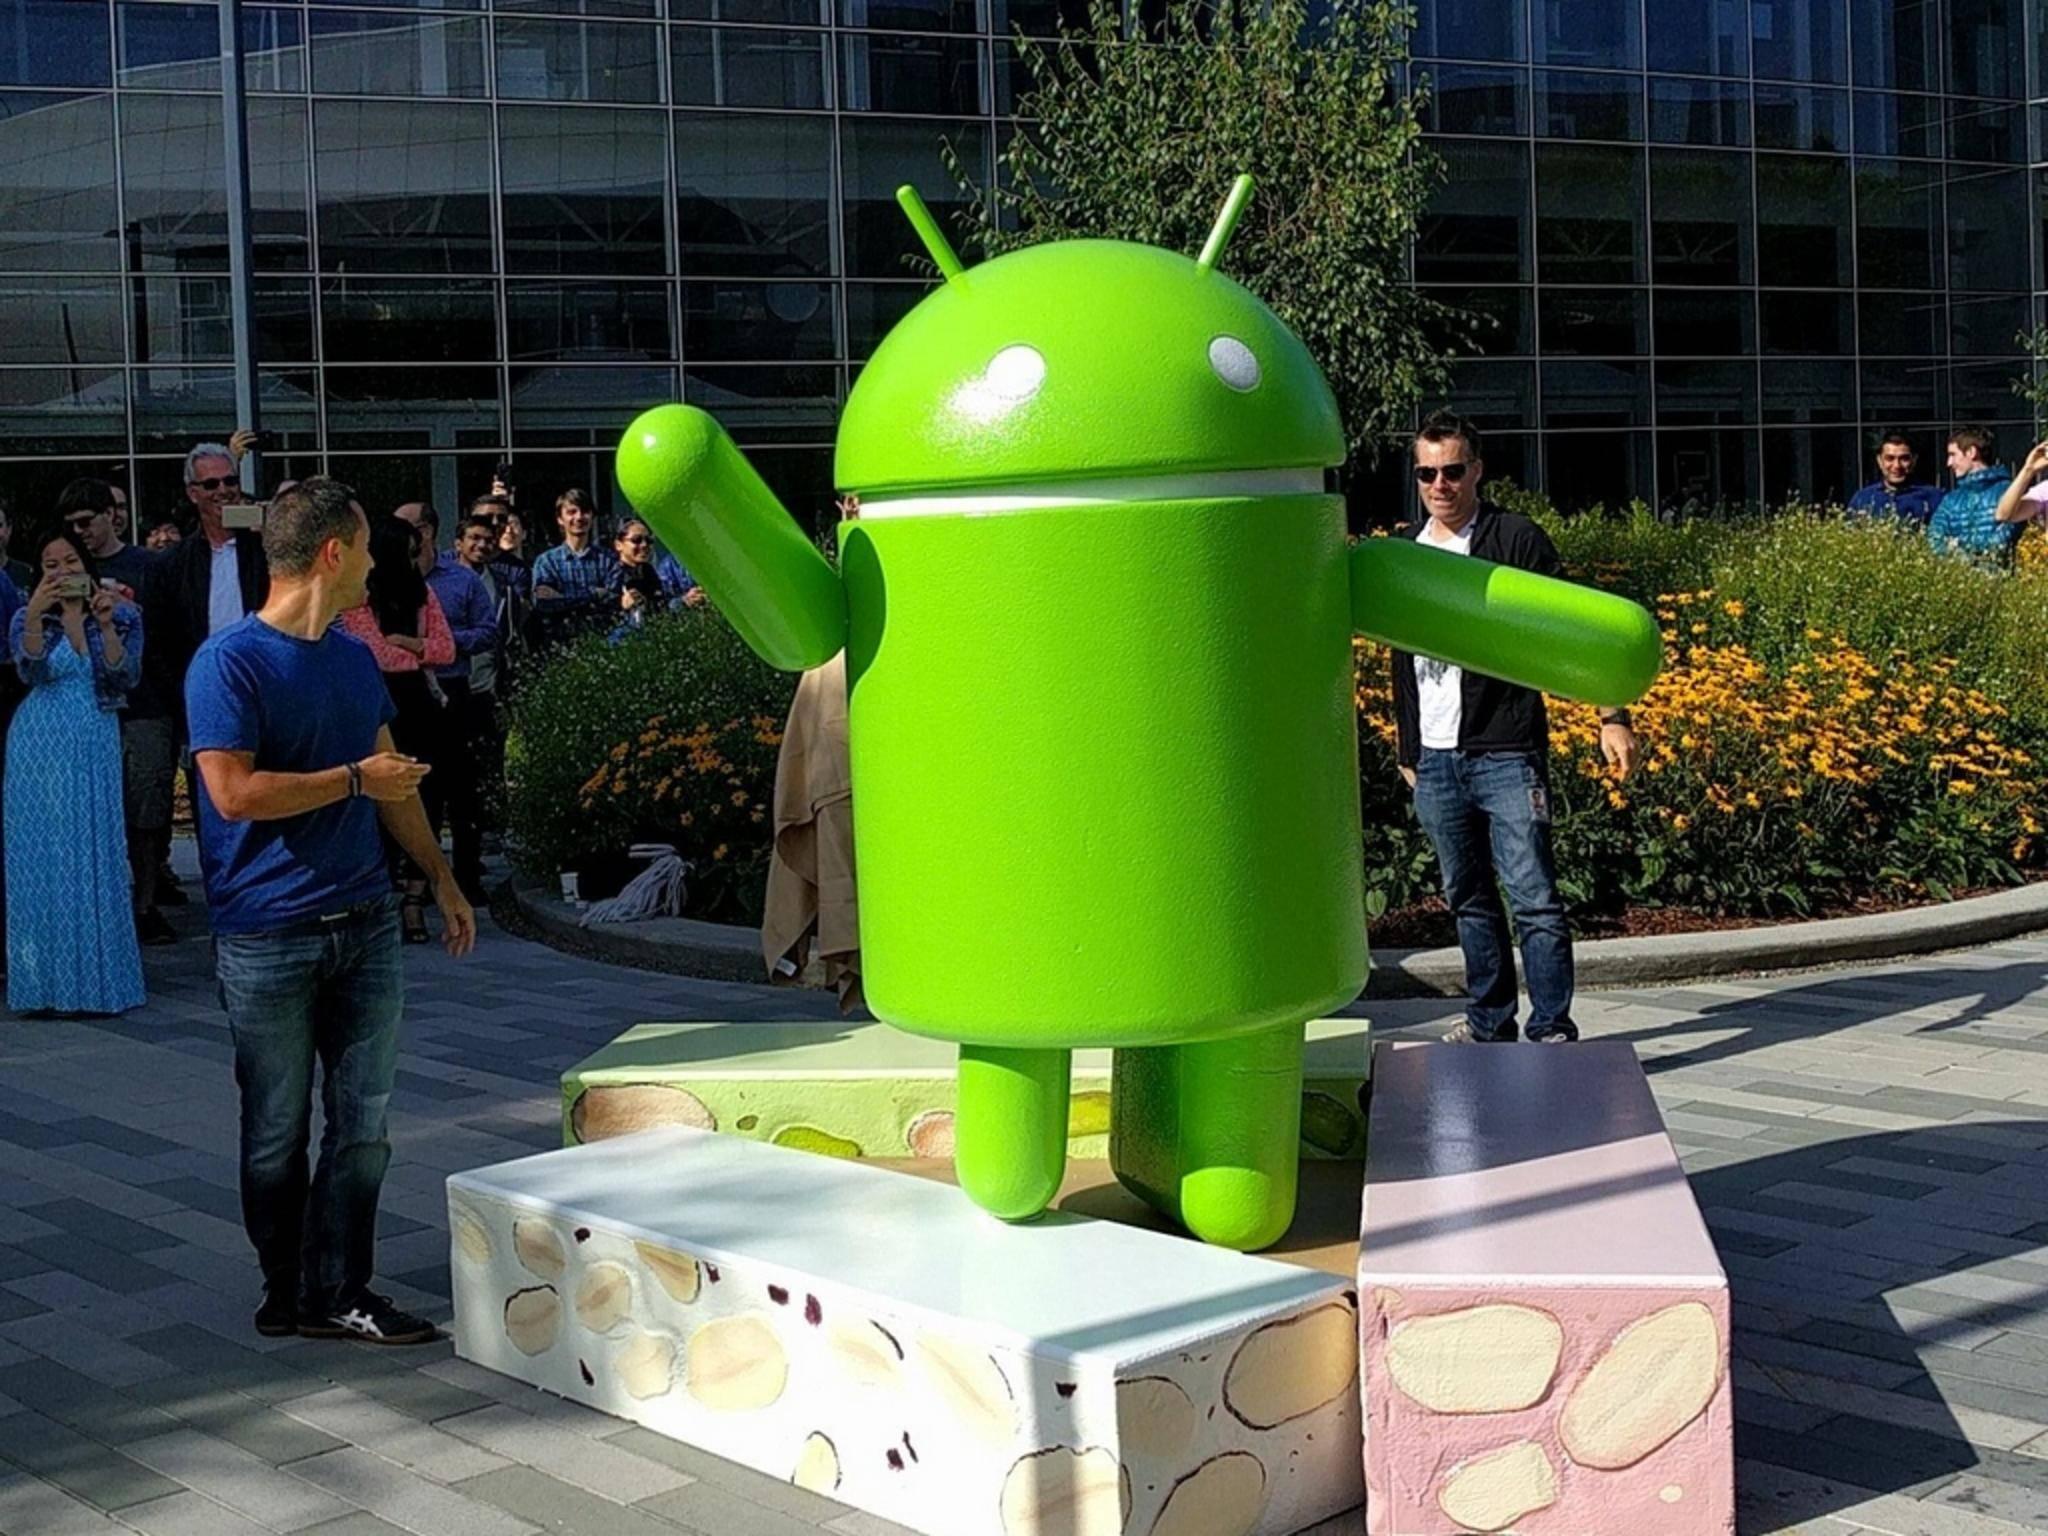 Süßer Roboter: Android N steht offiziell für Nougat.